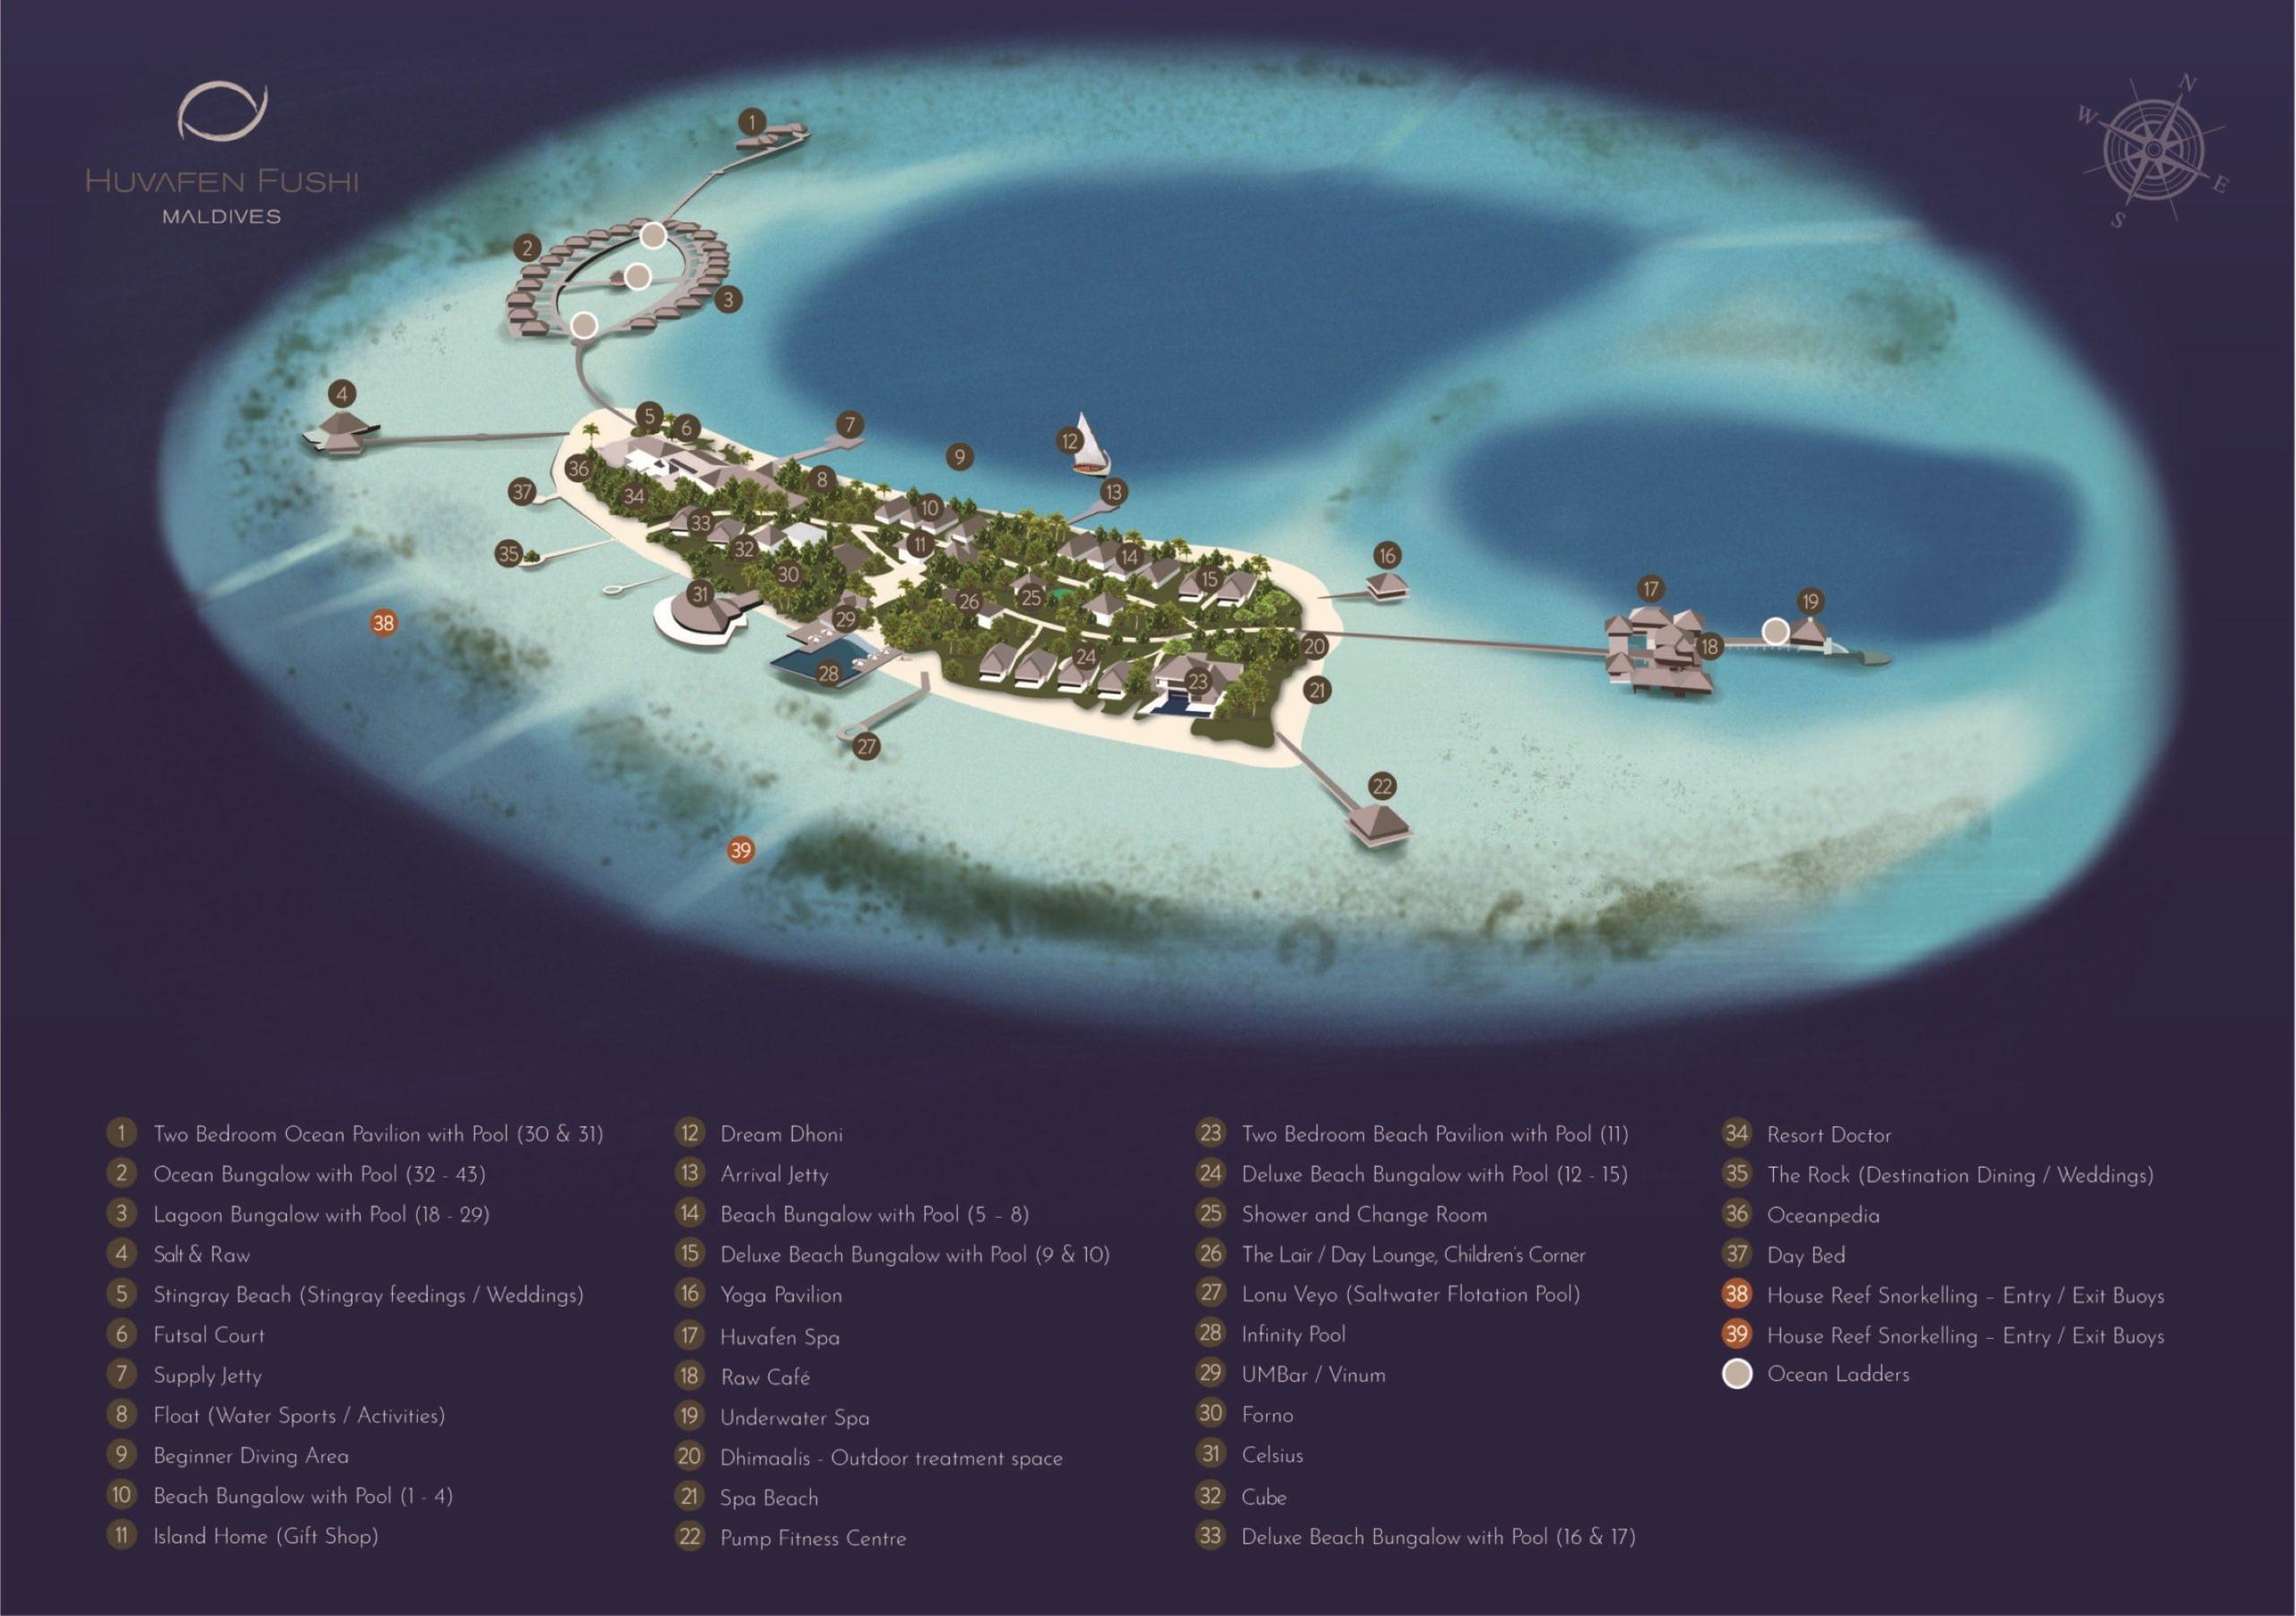 Мальдивы, Huvafen Fushi Maldives, карта отеля